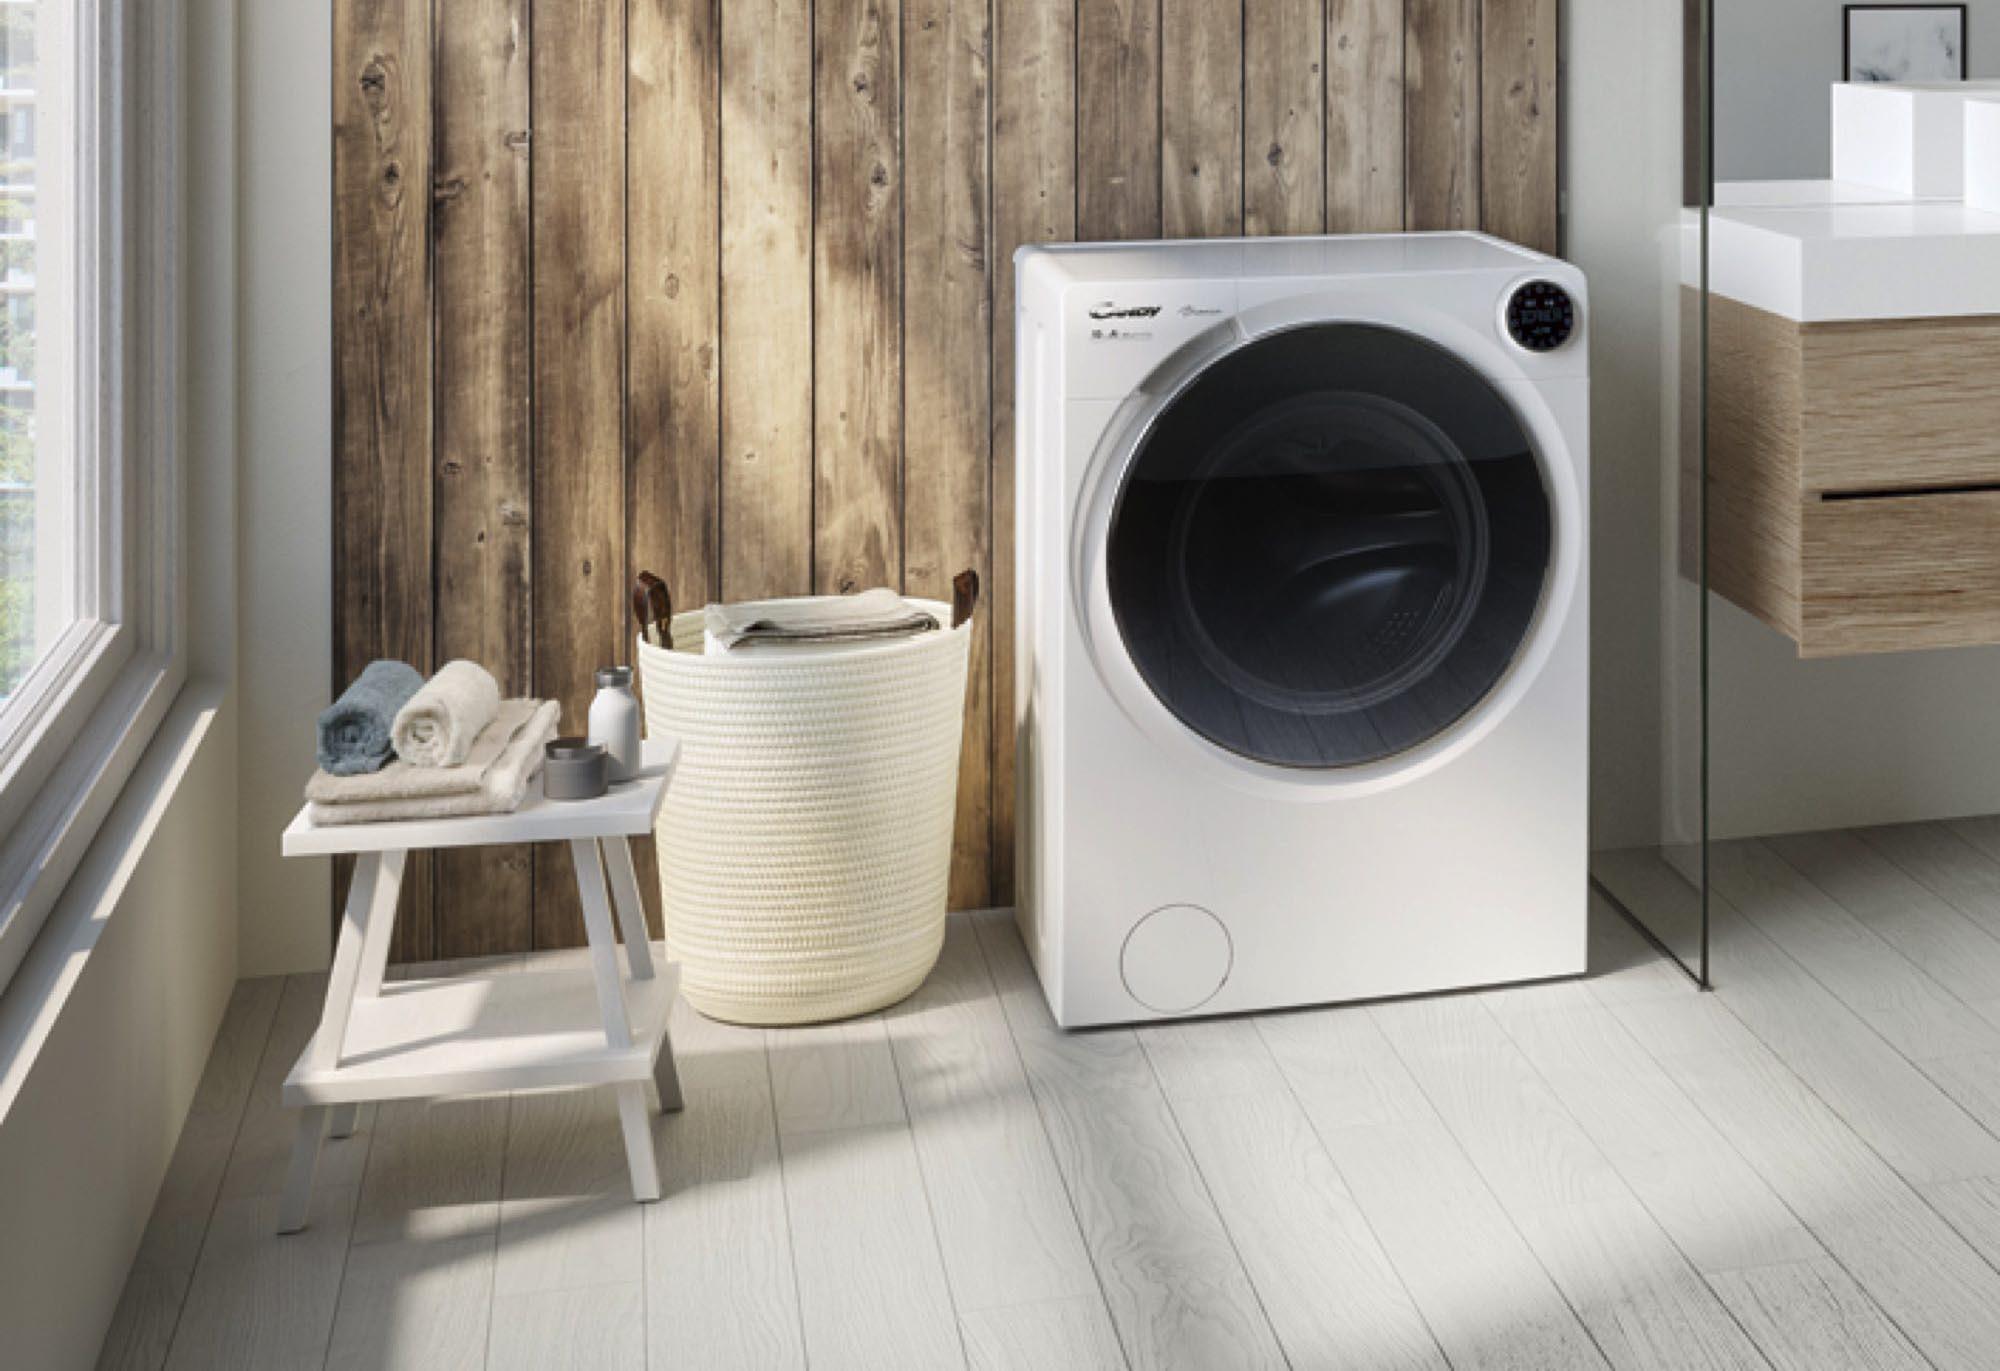 真正用把口洗衫?  意大利 Candy 推出 SMART Fi 及 Bianca 智能洗衣機